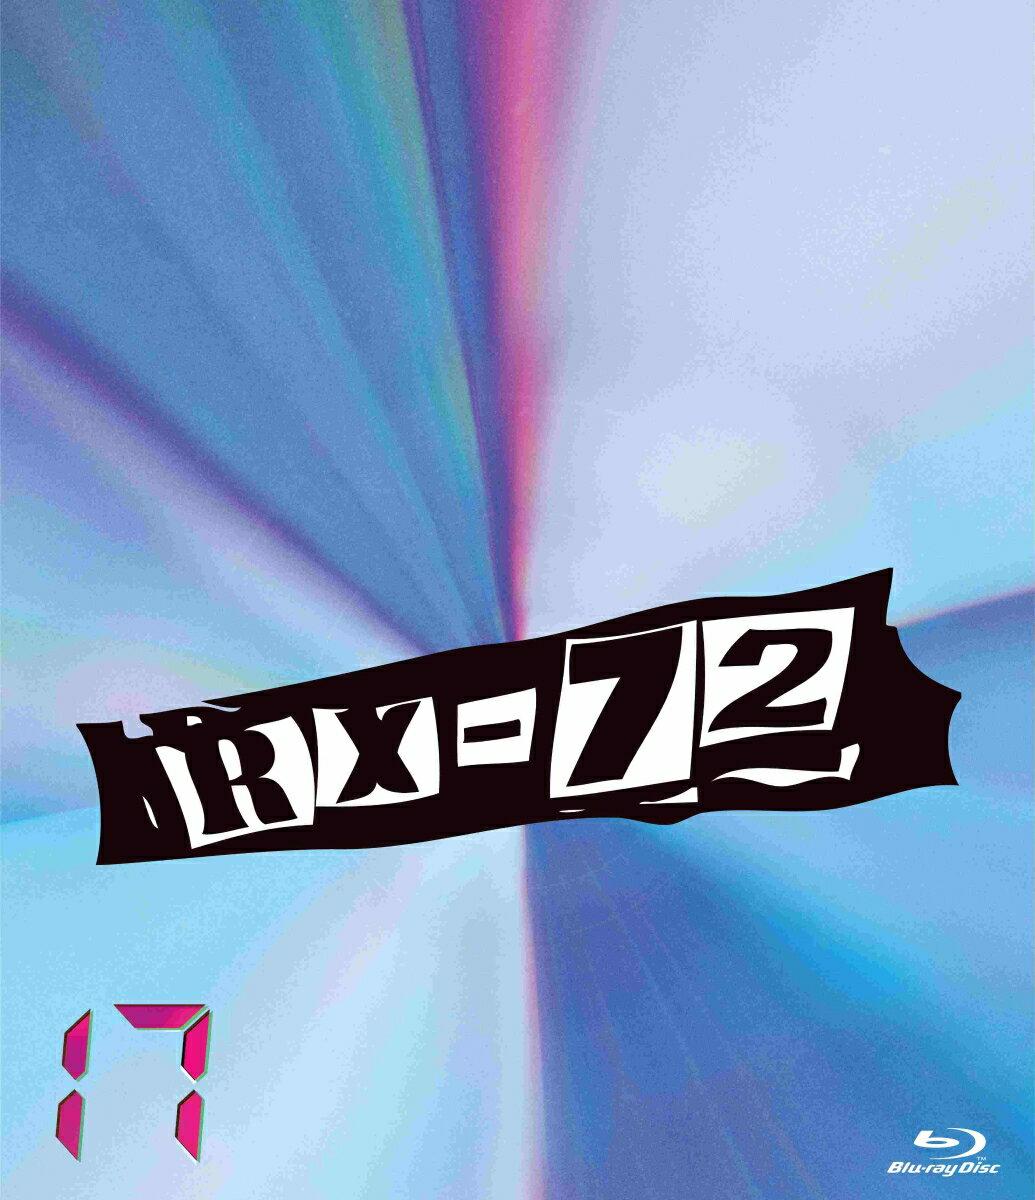 RX-72 vol.17【Blu-ray】